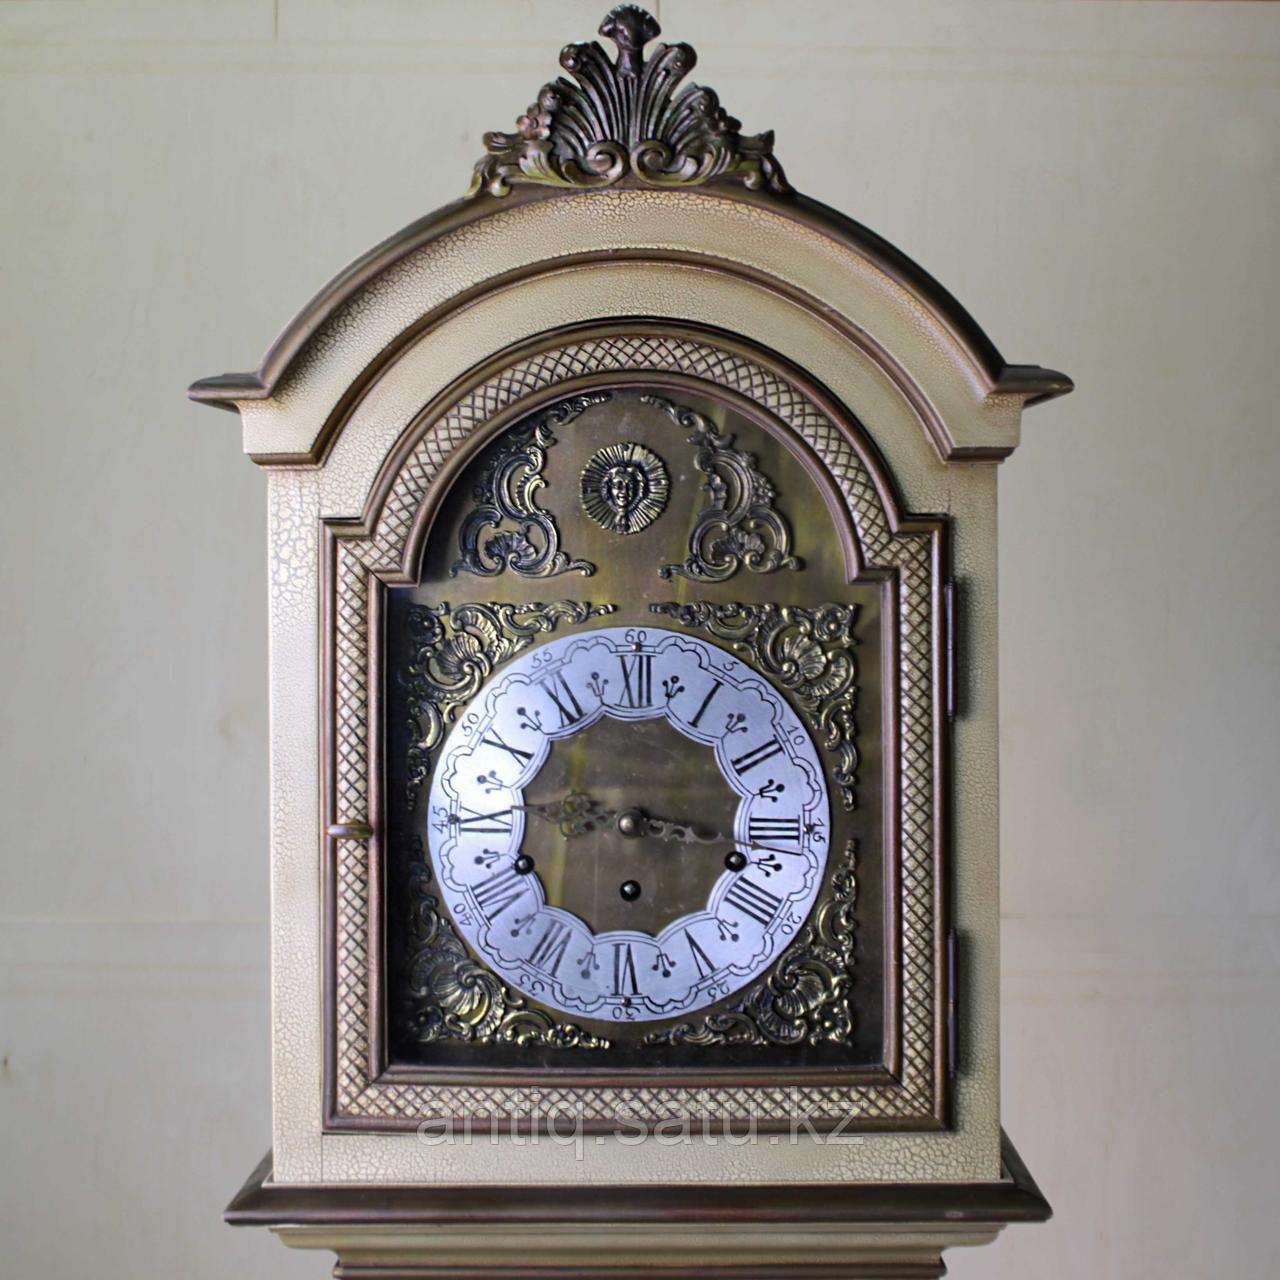 Напольные часы с рыцарским гербом. Германия. Середина ХХ века - фото 3